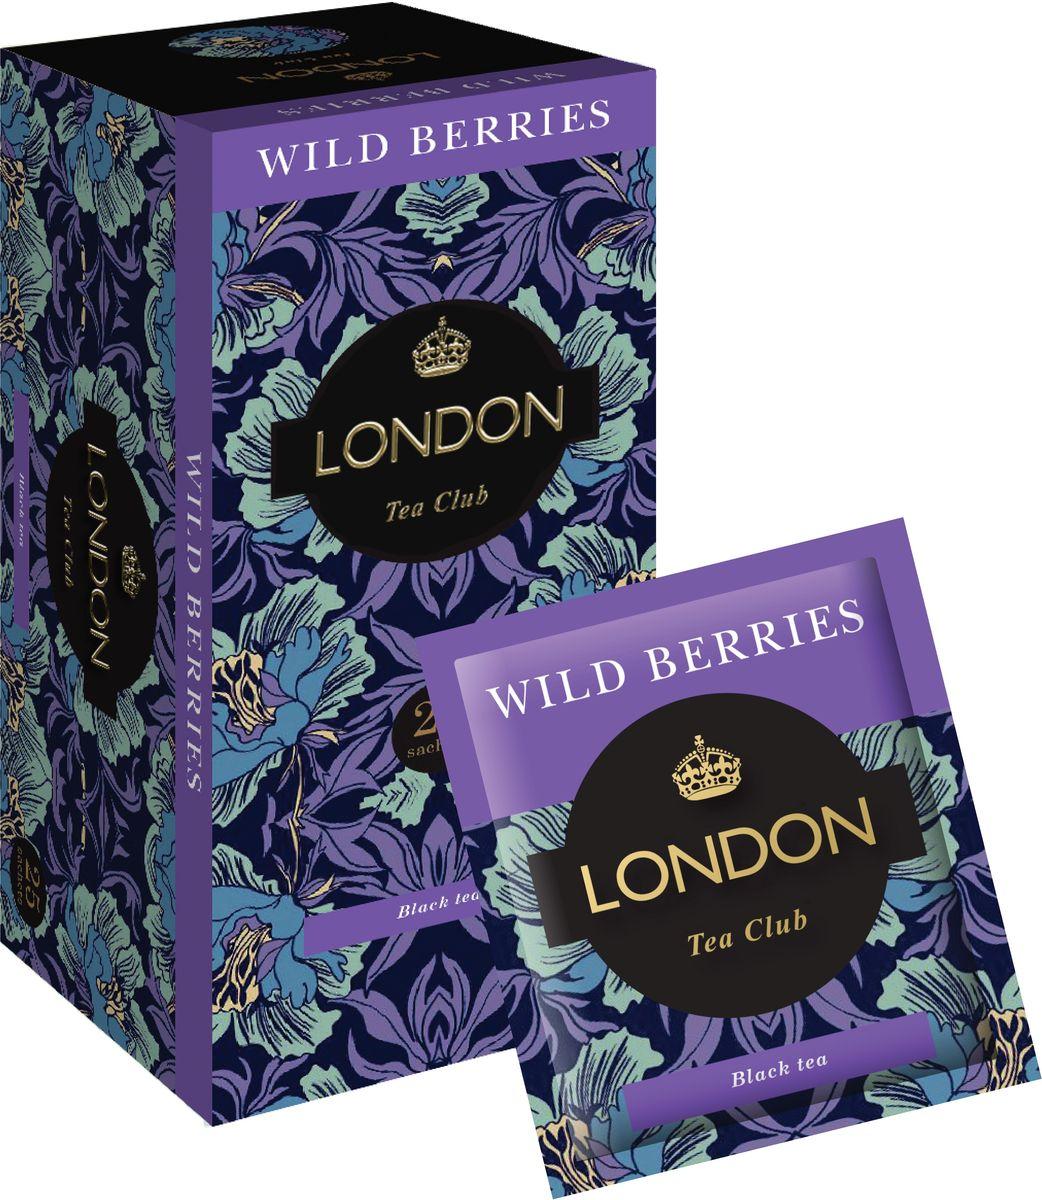 London Tea Club Лесные ягоды чай черный в пакетиках, 25 шт0120710Ароматная смесь черного чая и цельных лесных ягод, которые придают напитку особый ягодный вкус. Этот благоухающий чай создает приятное летнее настроение, прекрасно восстанавливает силы.